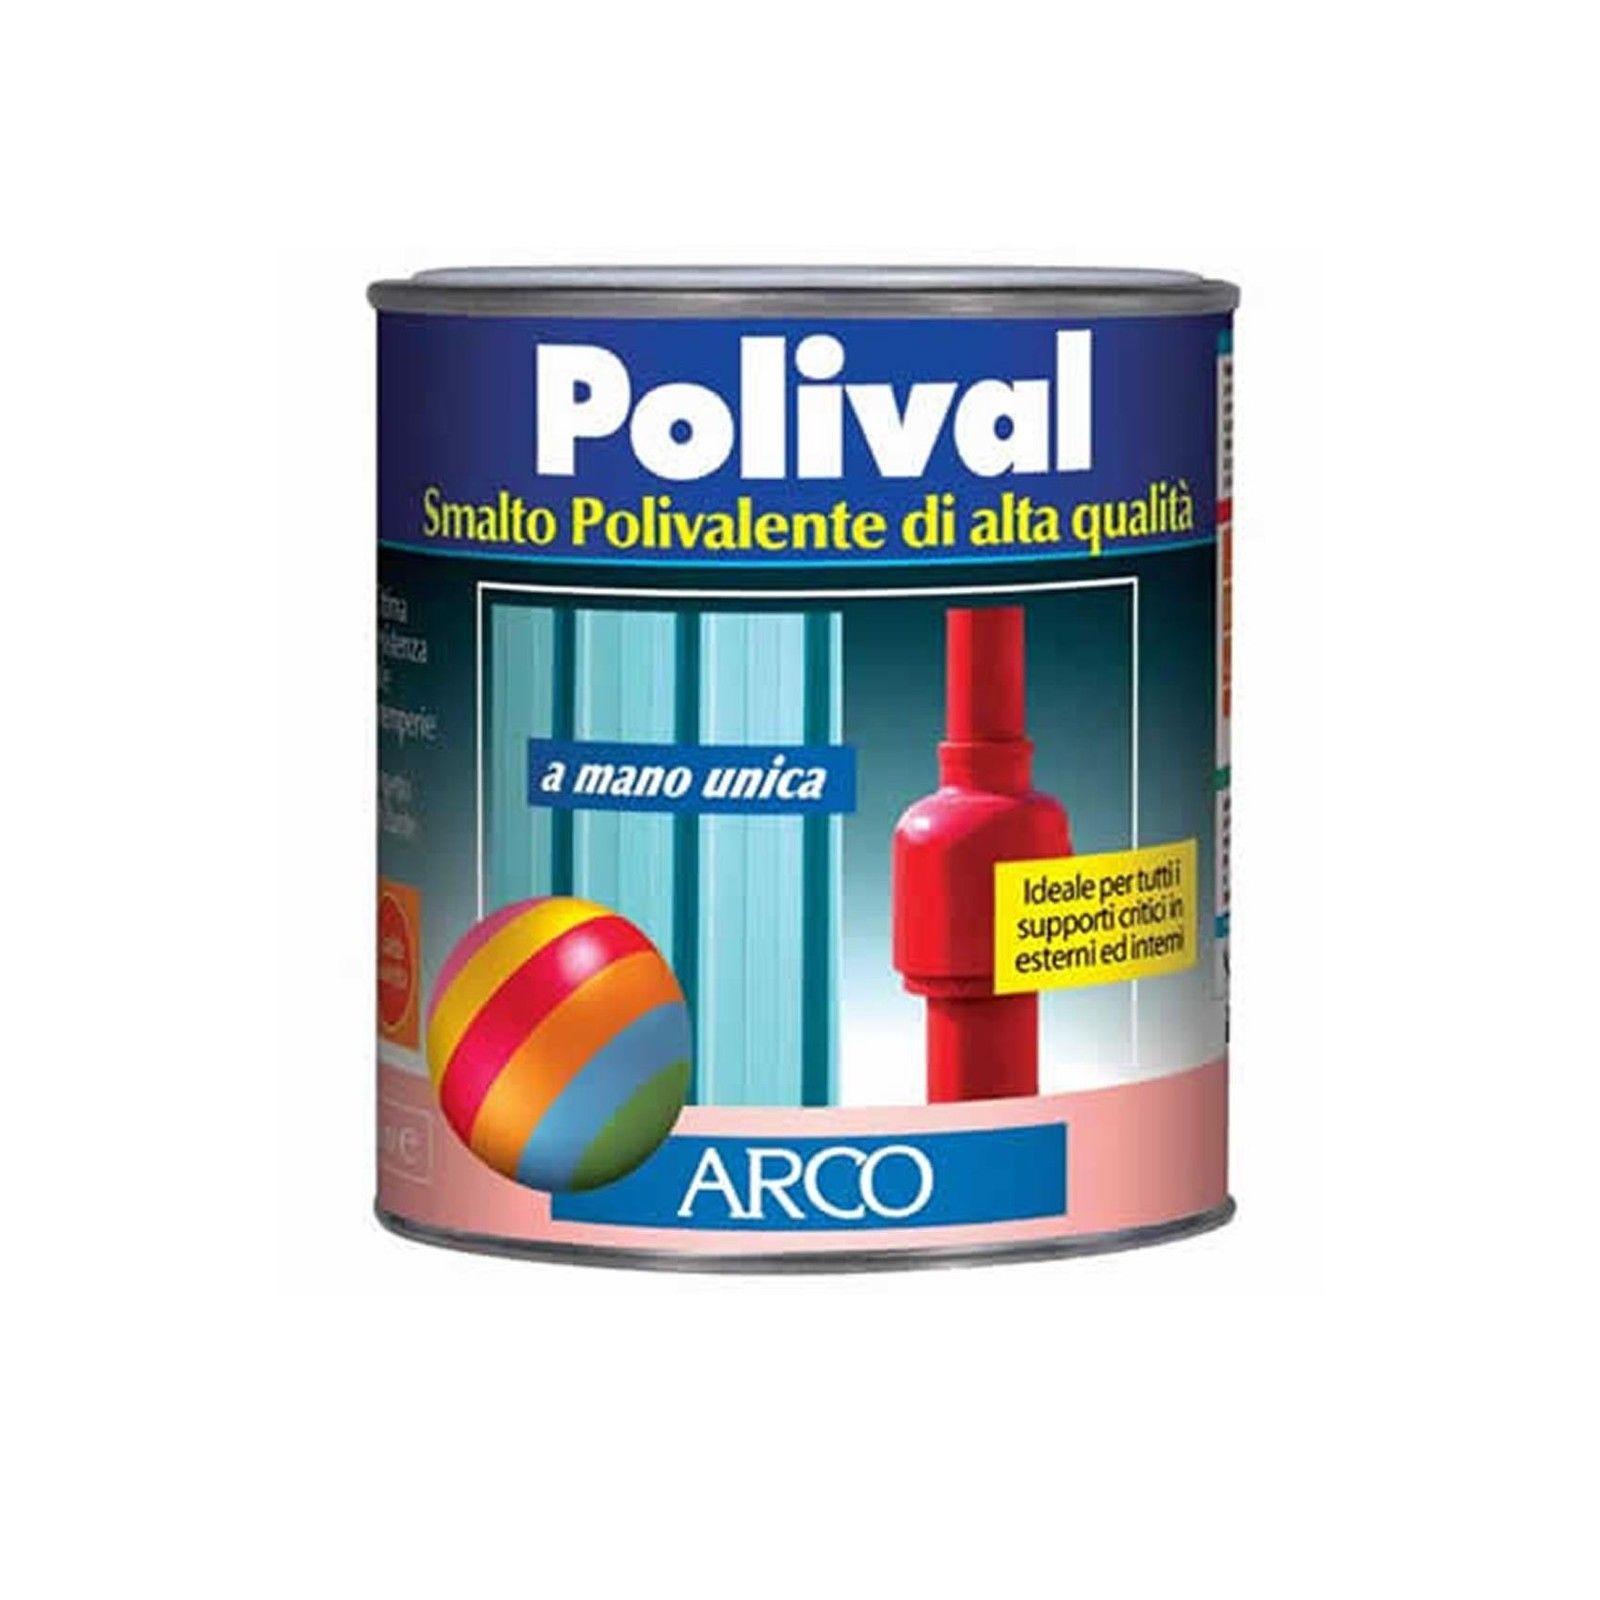 Arco Polival smalto 750ml  mano unica per plastica vetro lamiera colore verde muschio